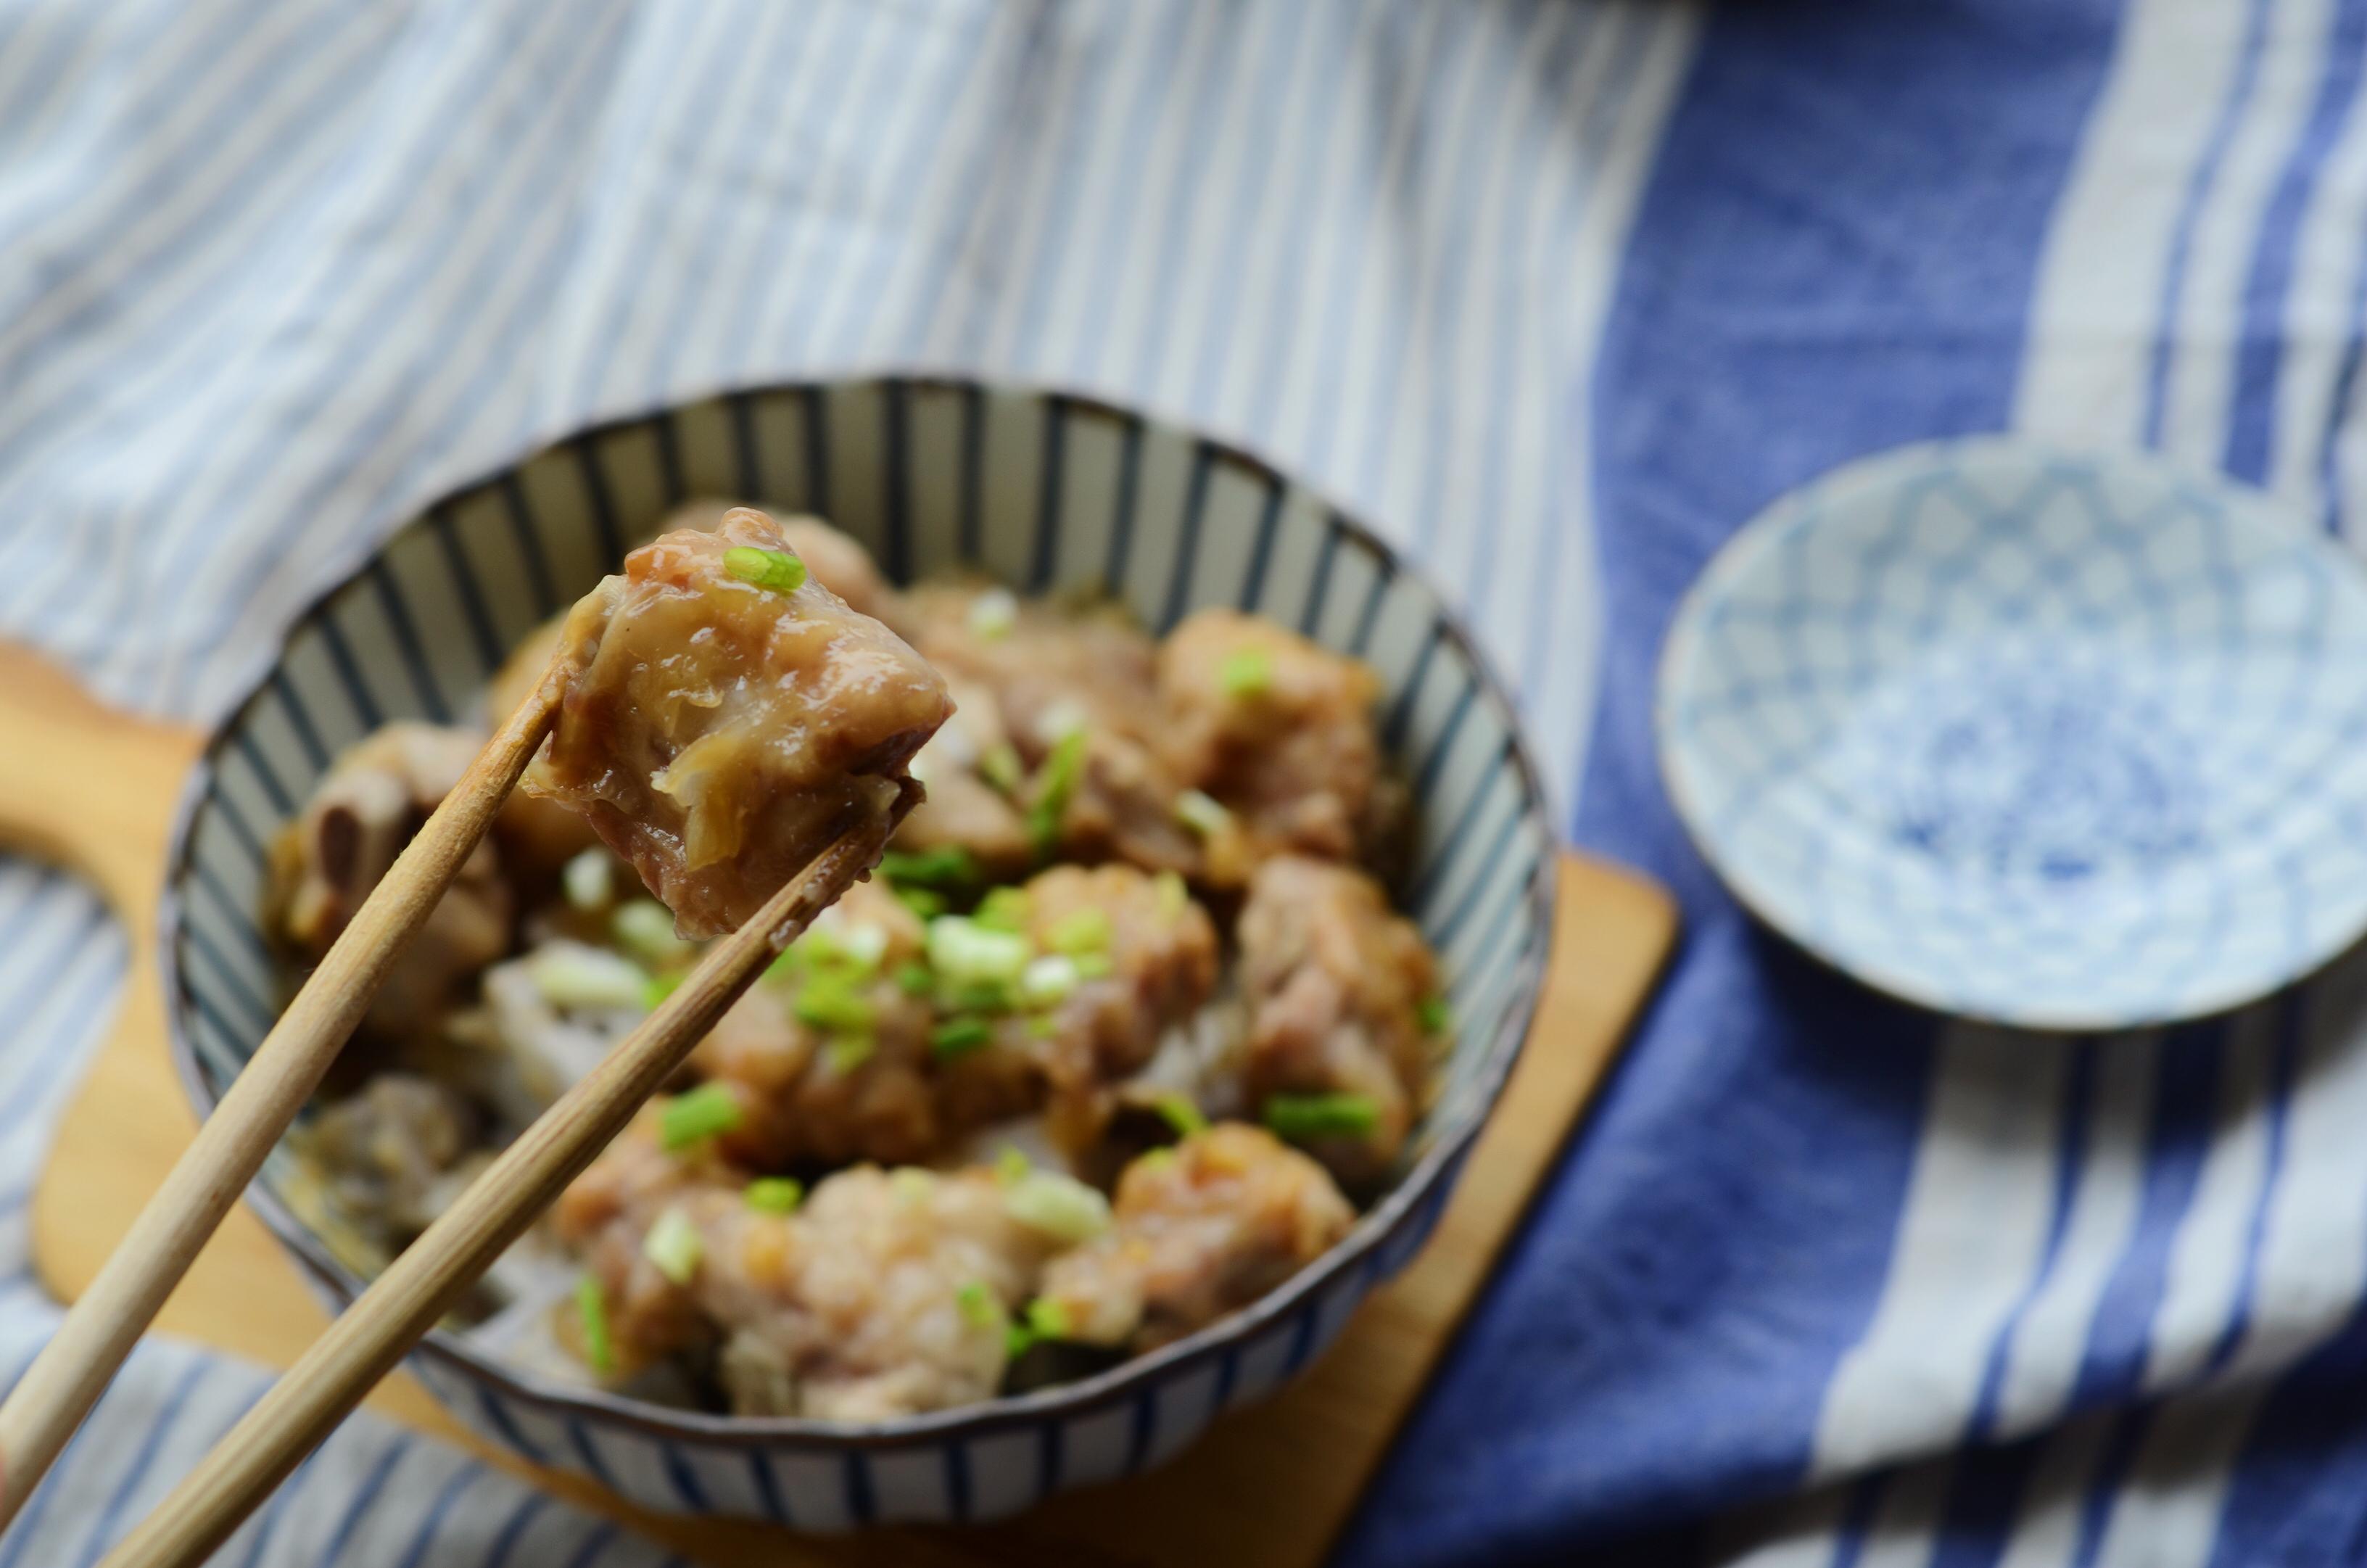 美善品食谱之窍门蒸排骨芋头猪青椒饺子做法肉馅图片